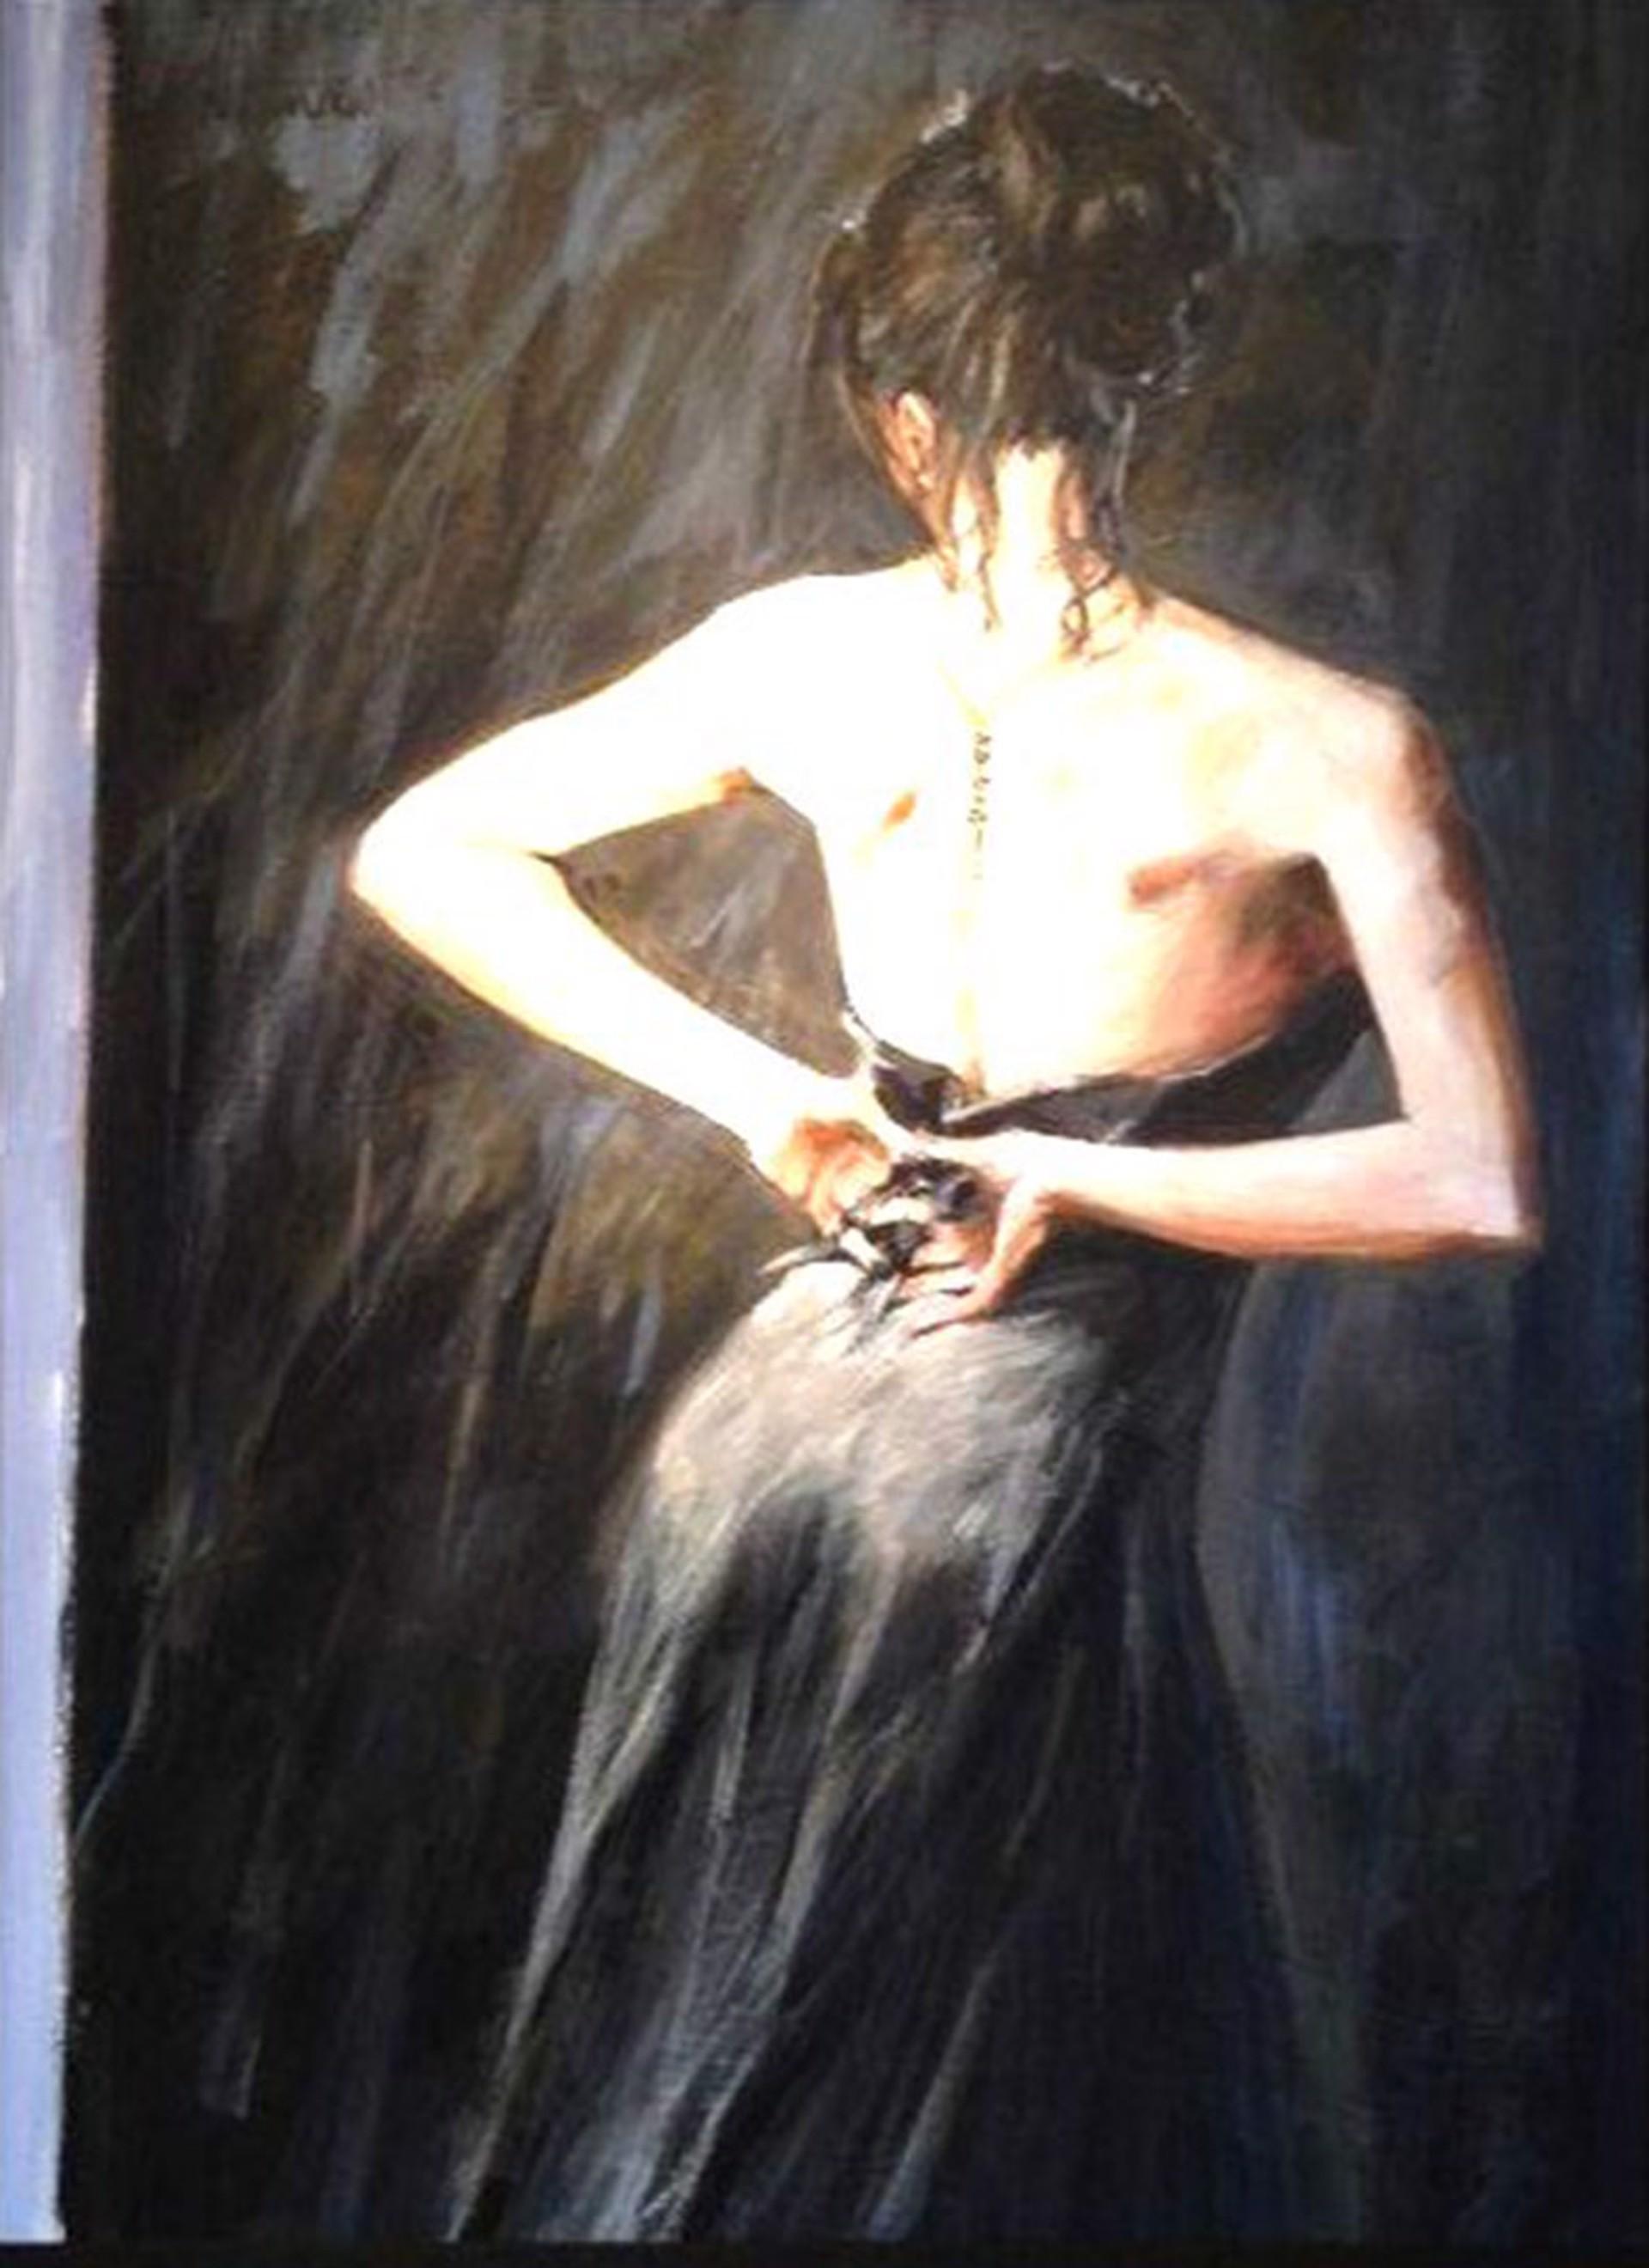 Little Black Dress by Aldo Luongo